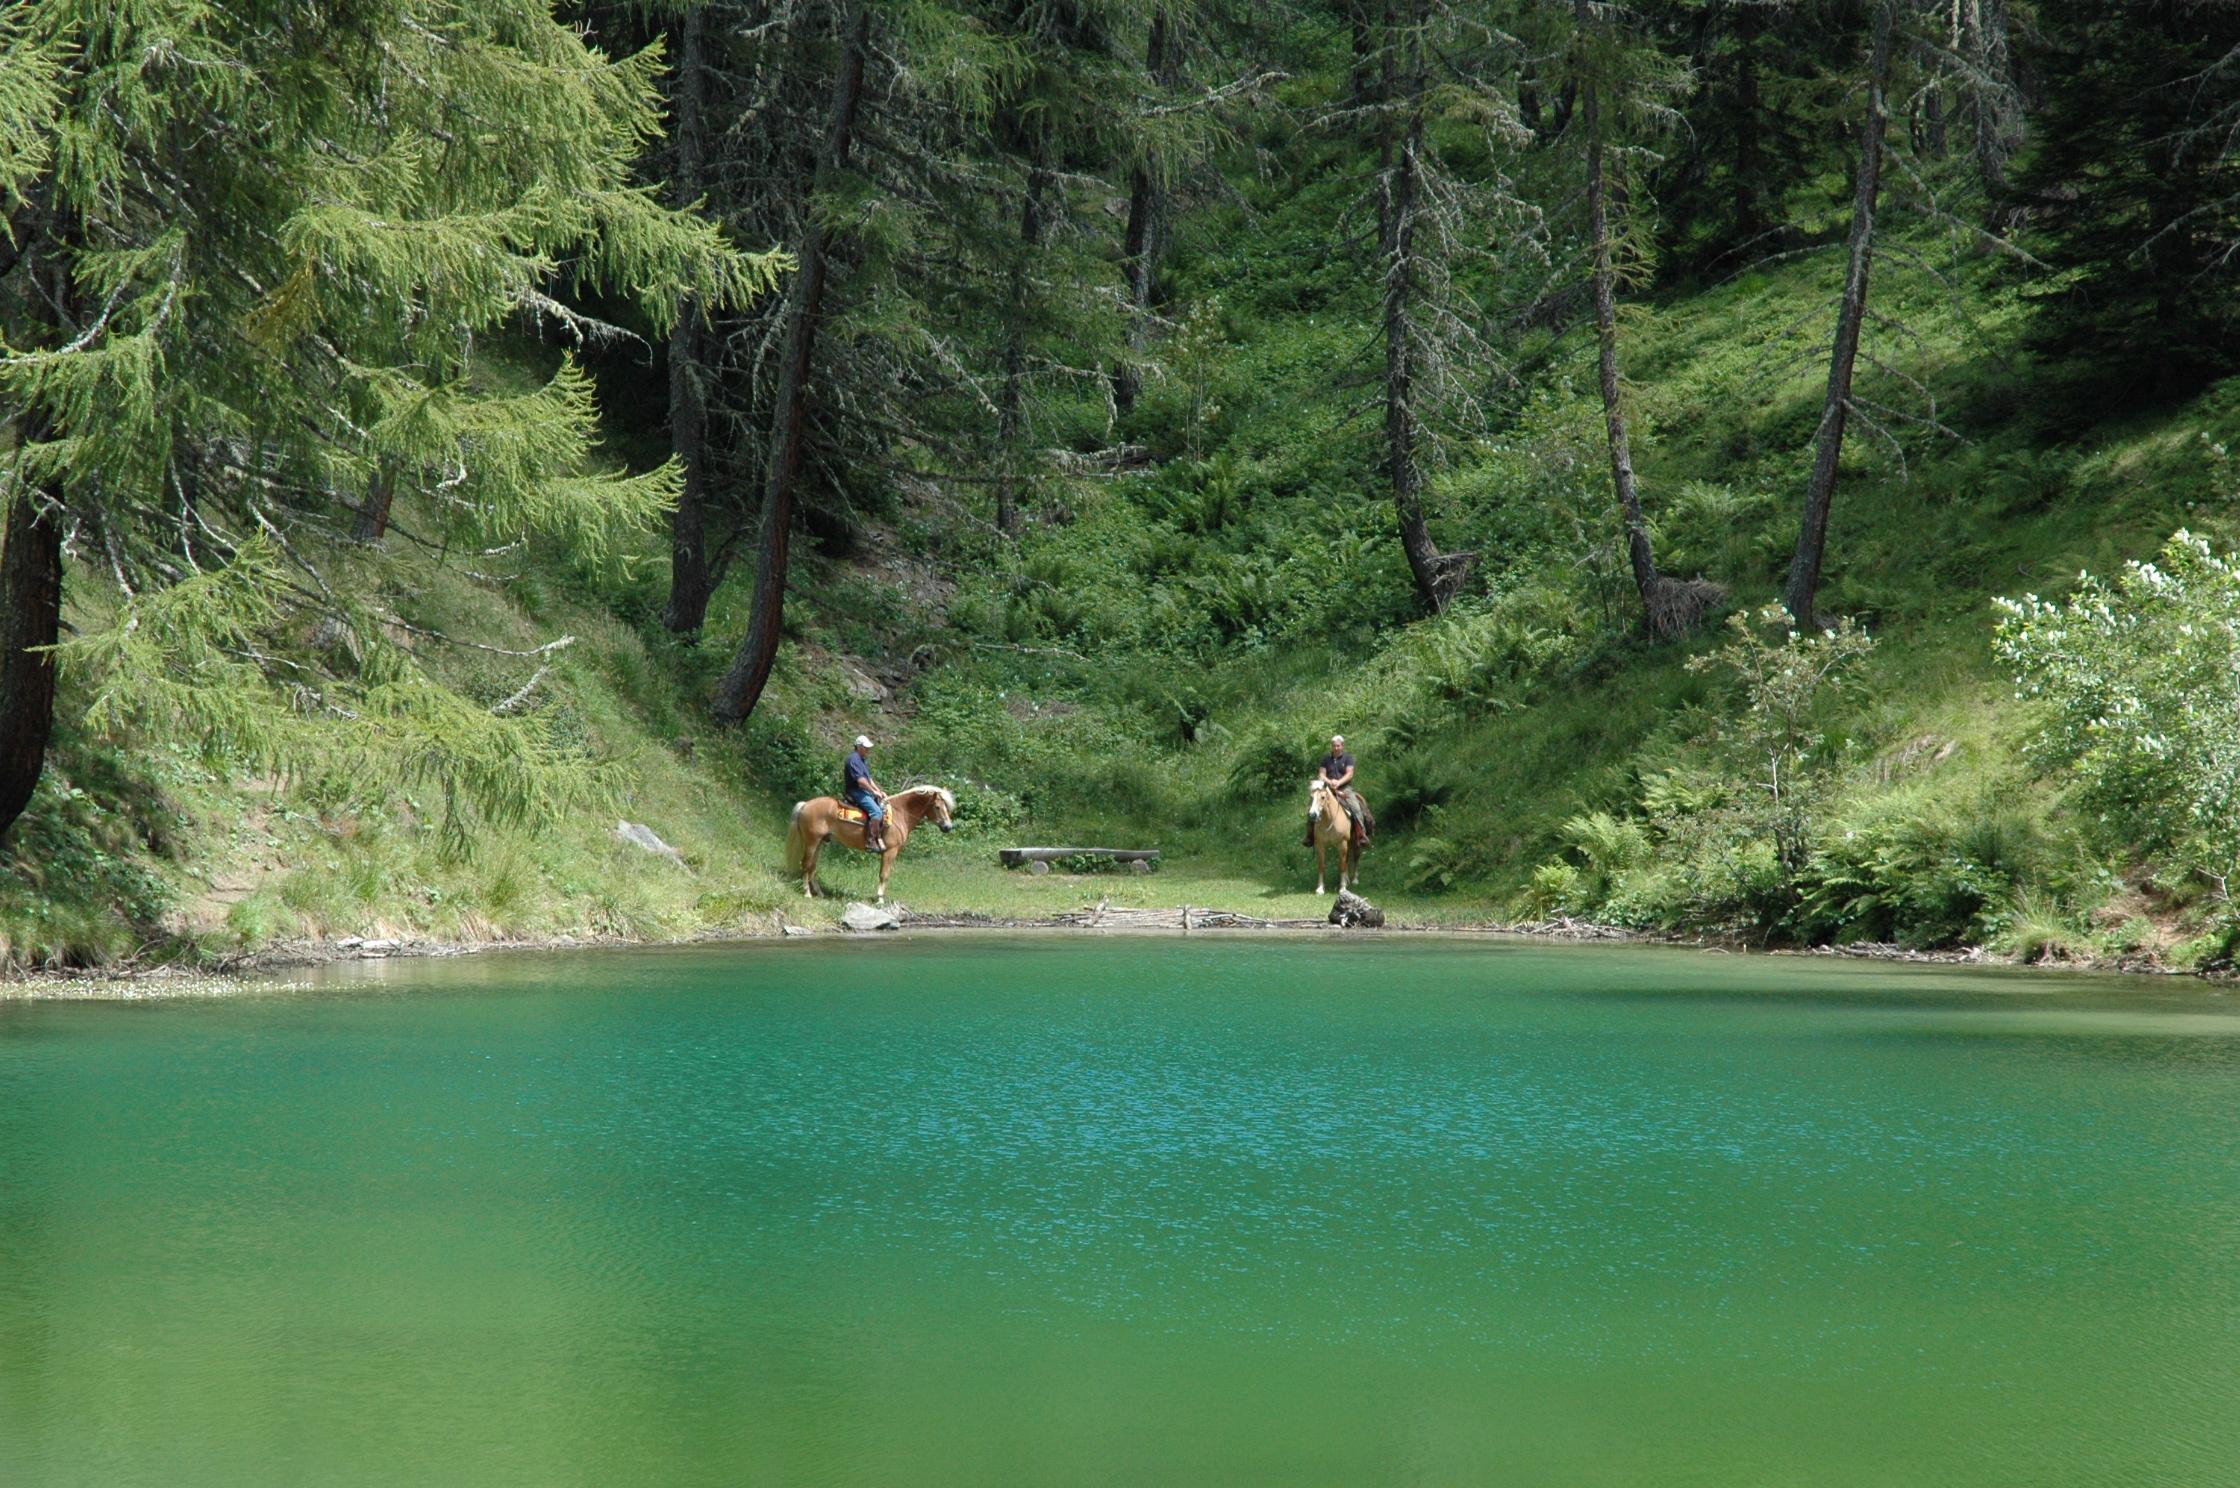 paardrijden valsugana in de mooie natuur